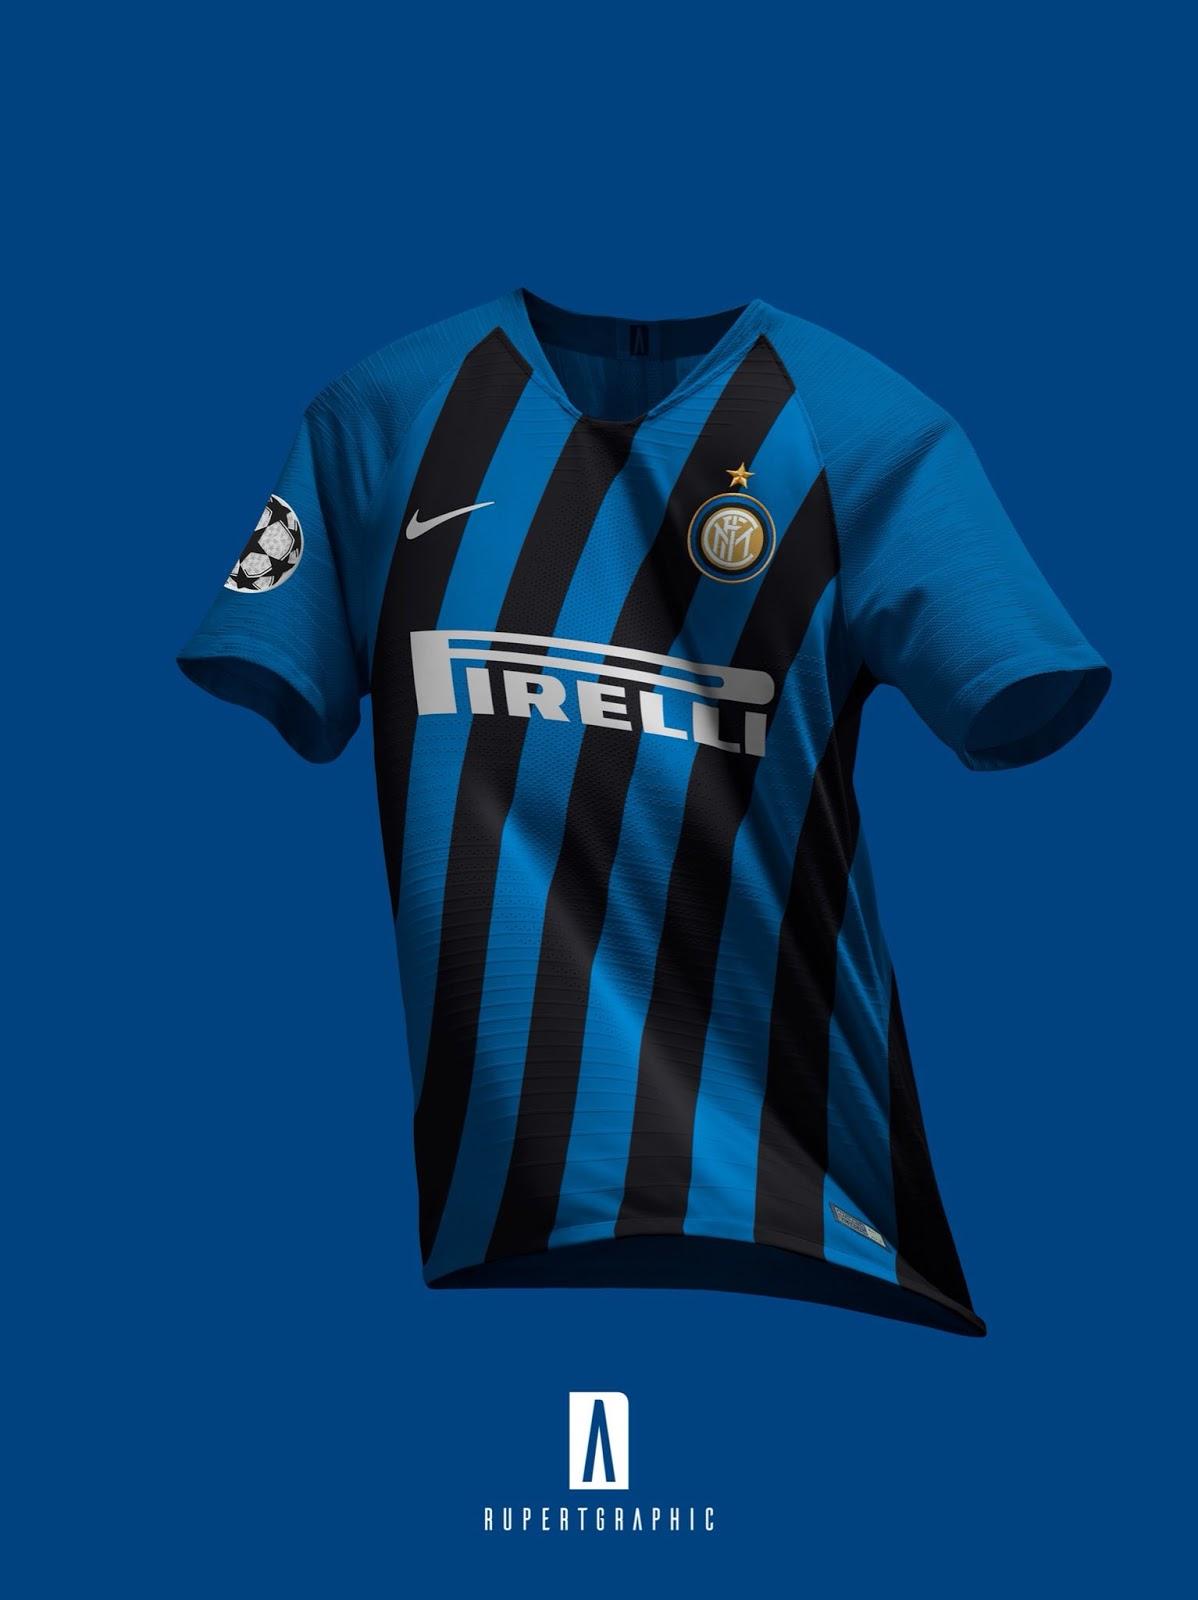 Esta sería la camiseta del Inter de Milan para la temporada 2019-2020 c440e8848d005